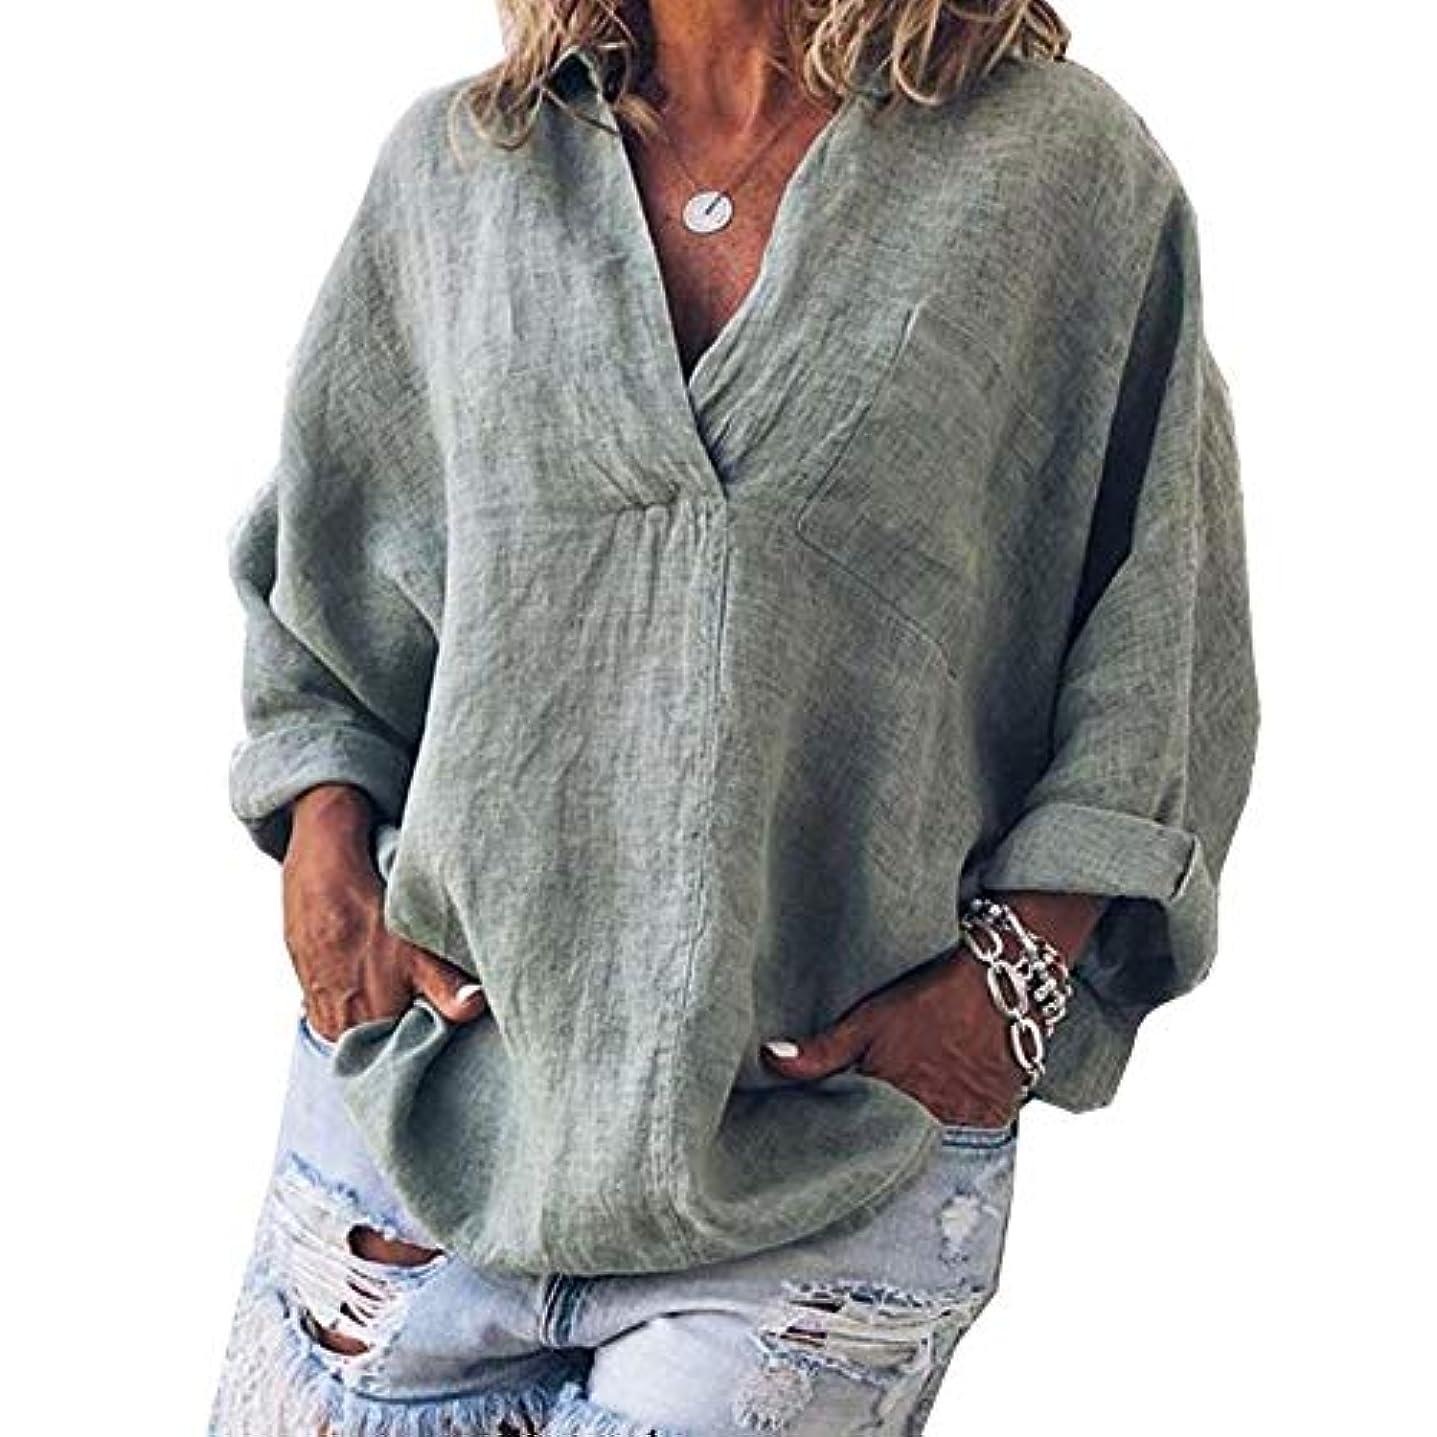 平凡仲間独立したMIFAN女性ファッション春夏チュニックトップス深いVネックTシャツ長袖プルオーバールーズリネンブラウス